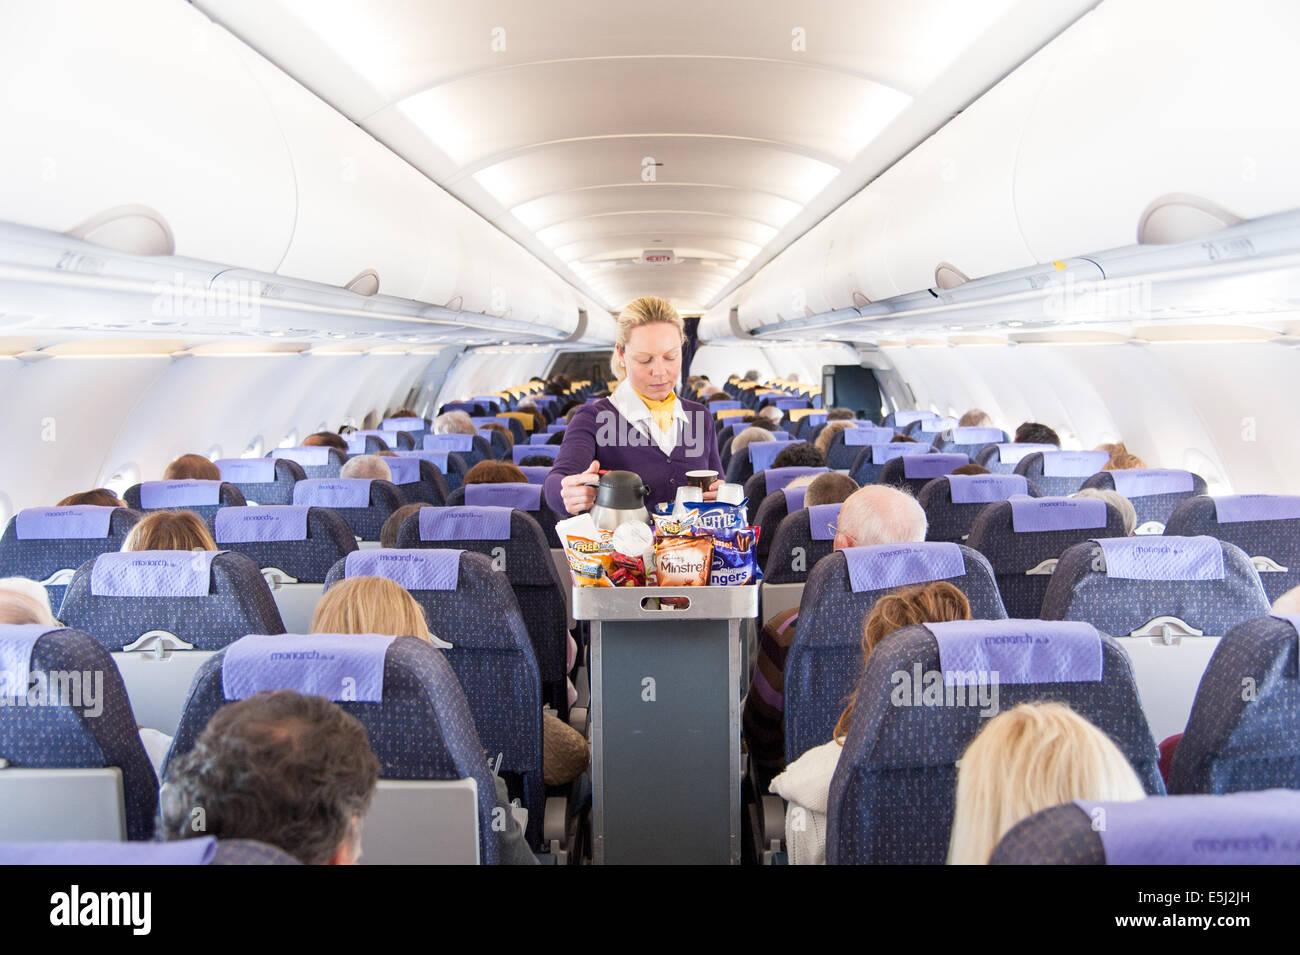 Monarch Airlines, azafata aérea que sirve aperitivos del carrito de bebidas, Reino Unido Foto de stock